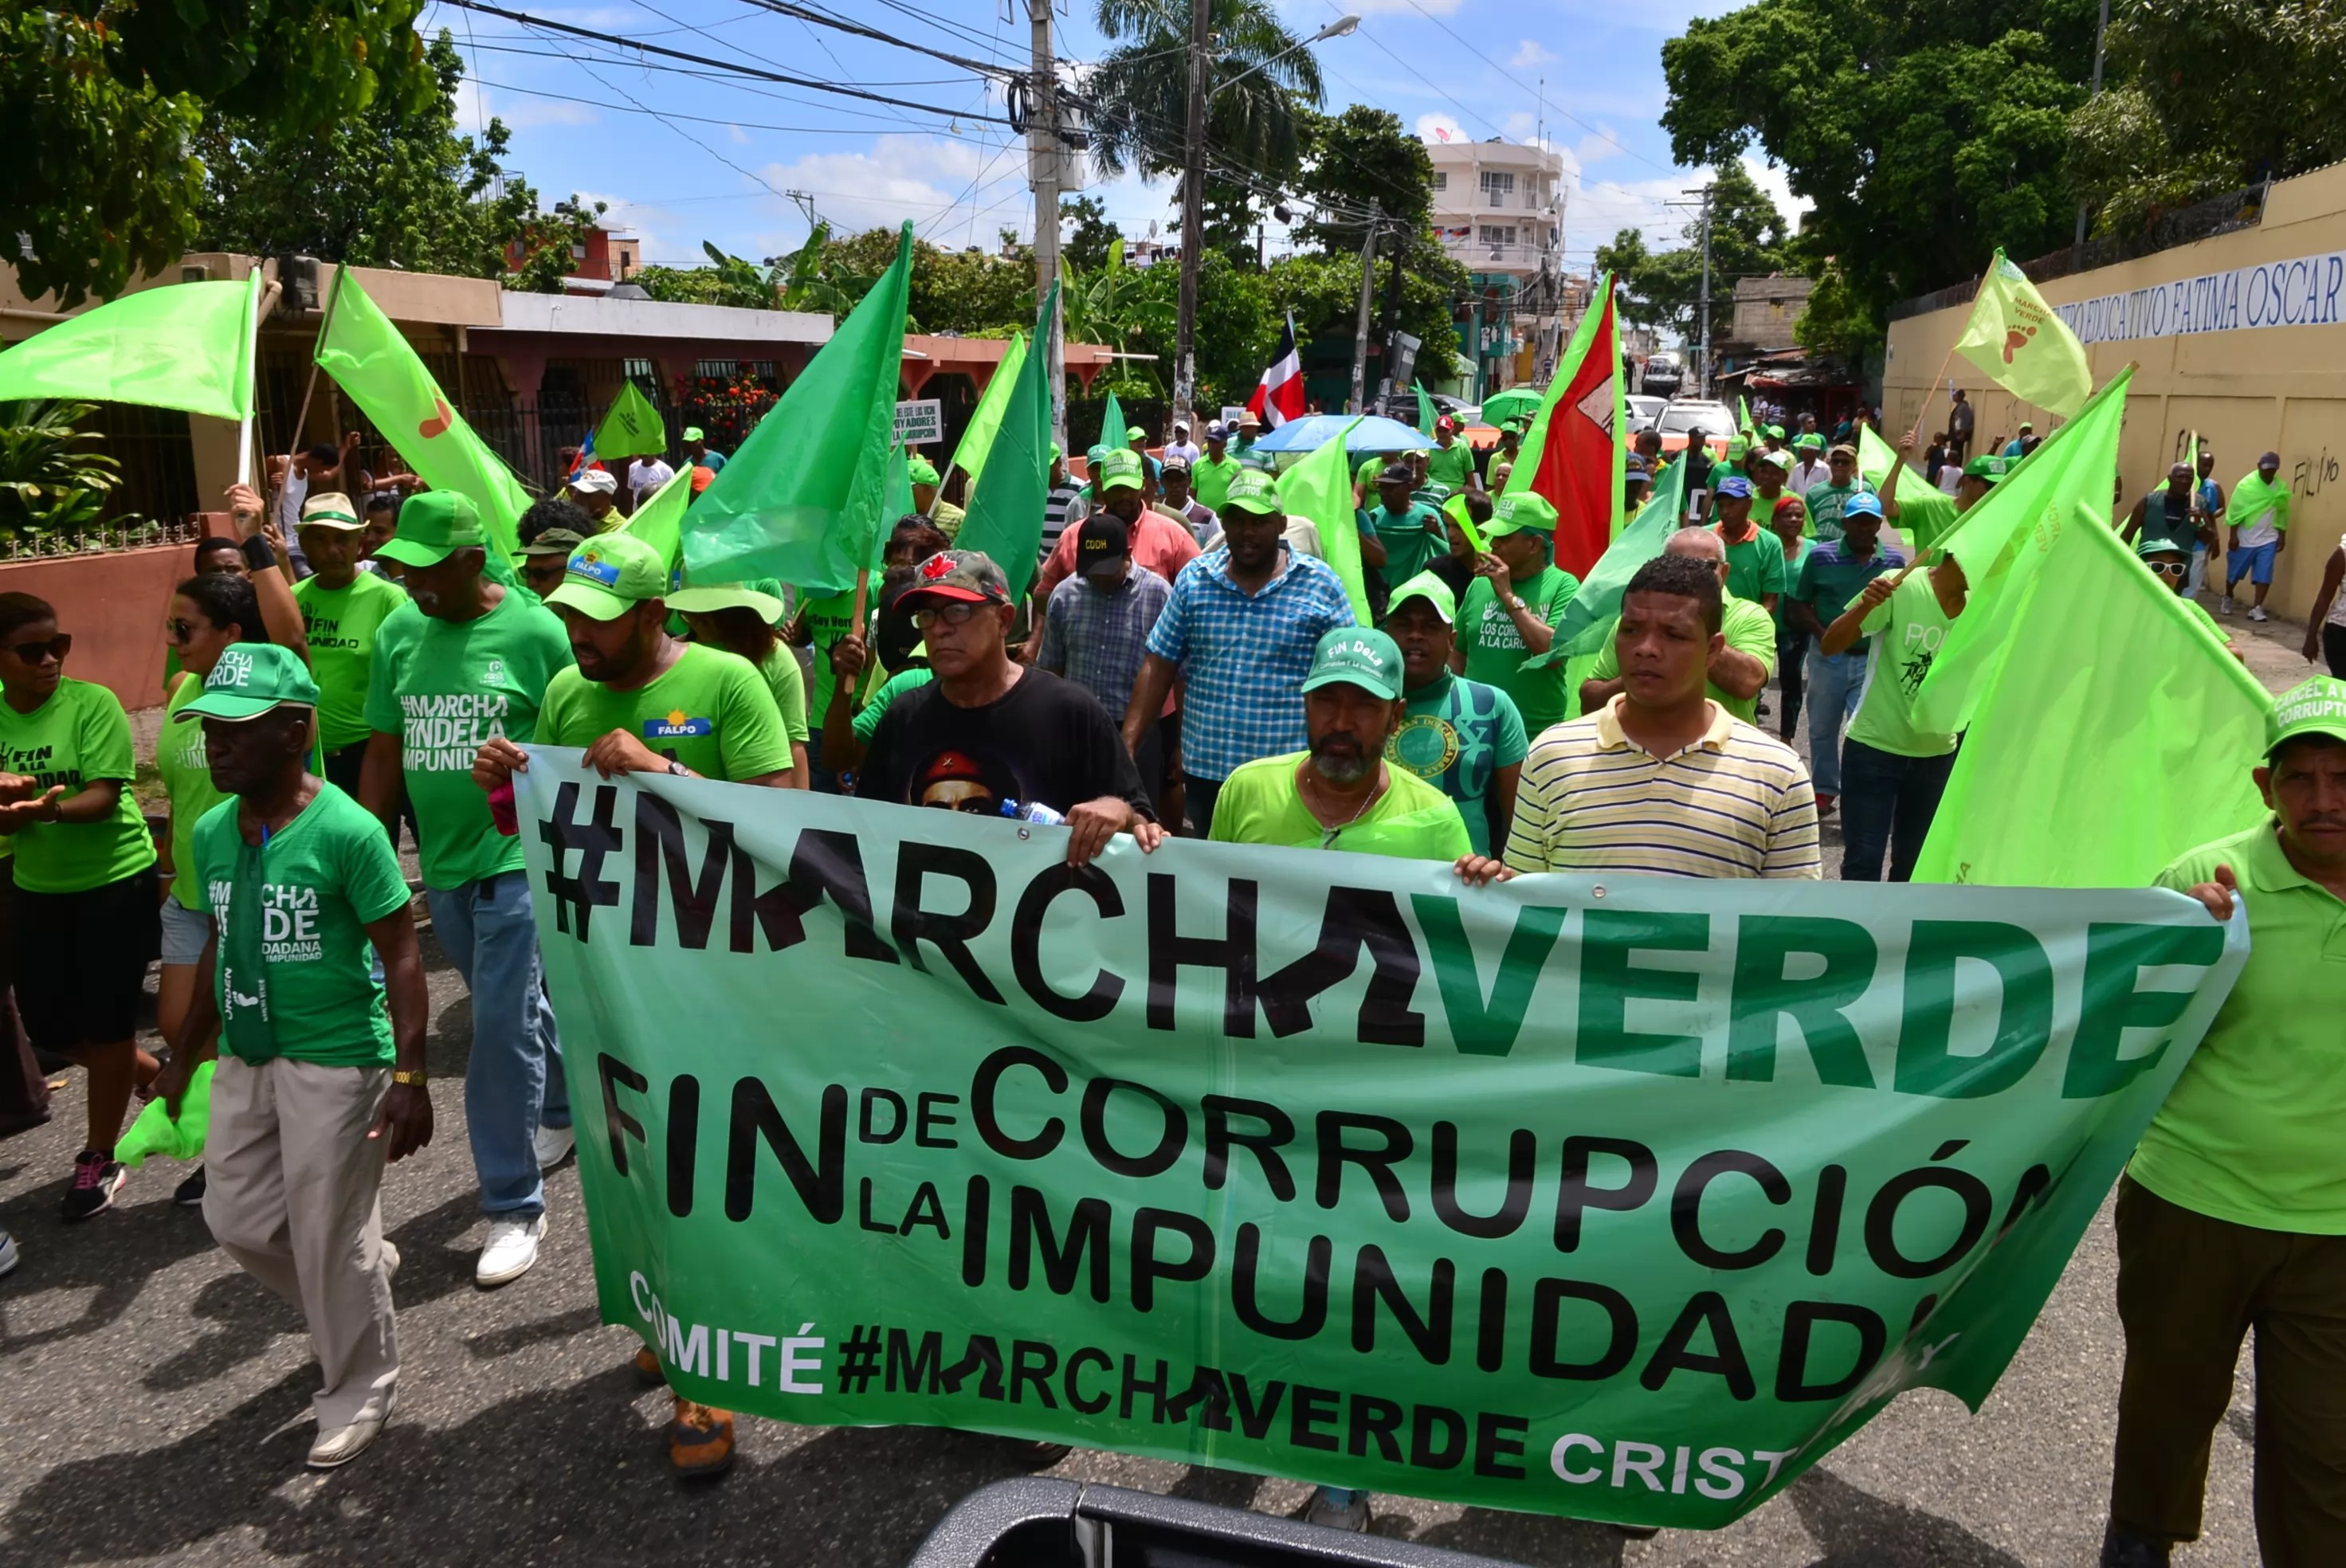 Multitud de dominicanos protesta por corrupción en su país — NUEVA YORK